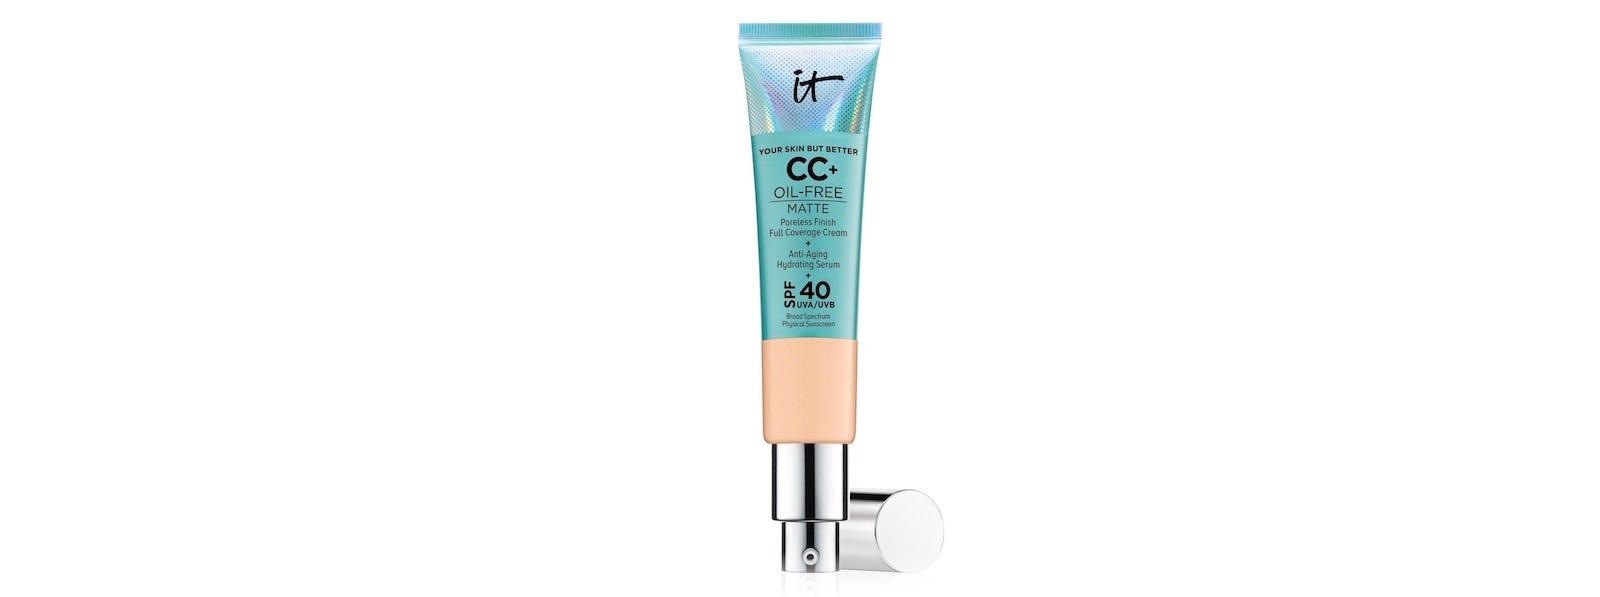 A tube of It CosmeticsCC Cream Oil-Free Matte